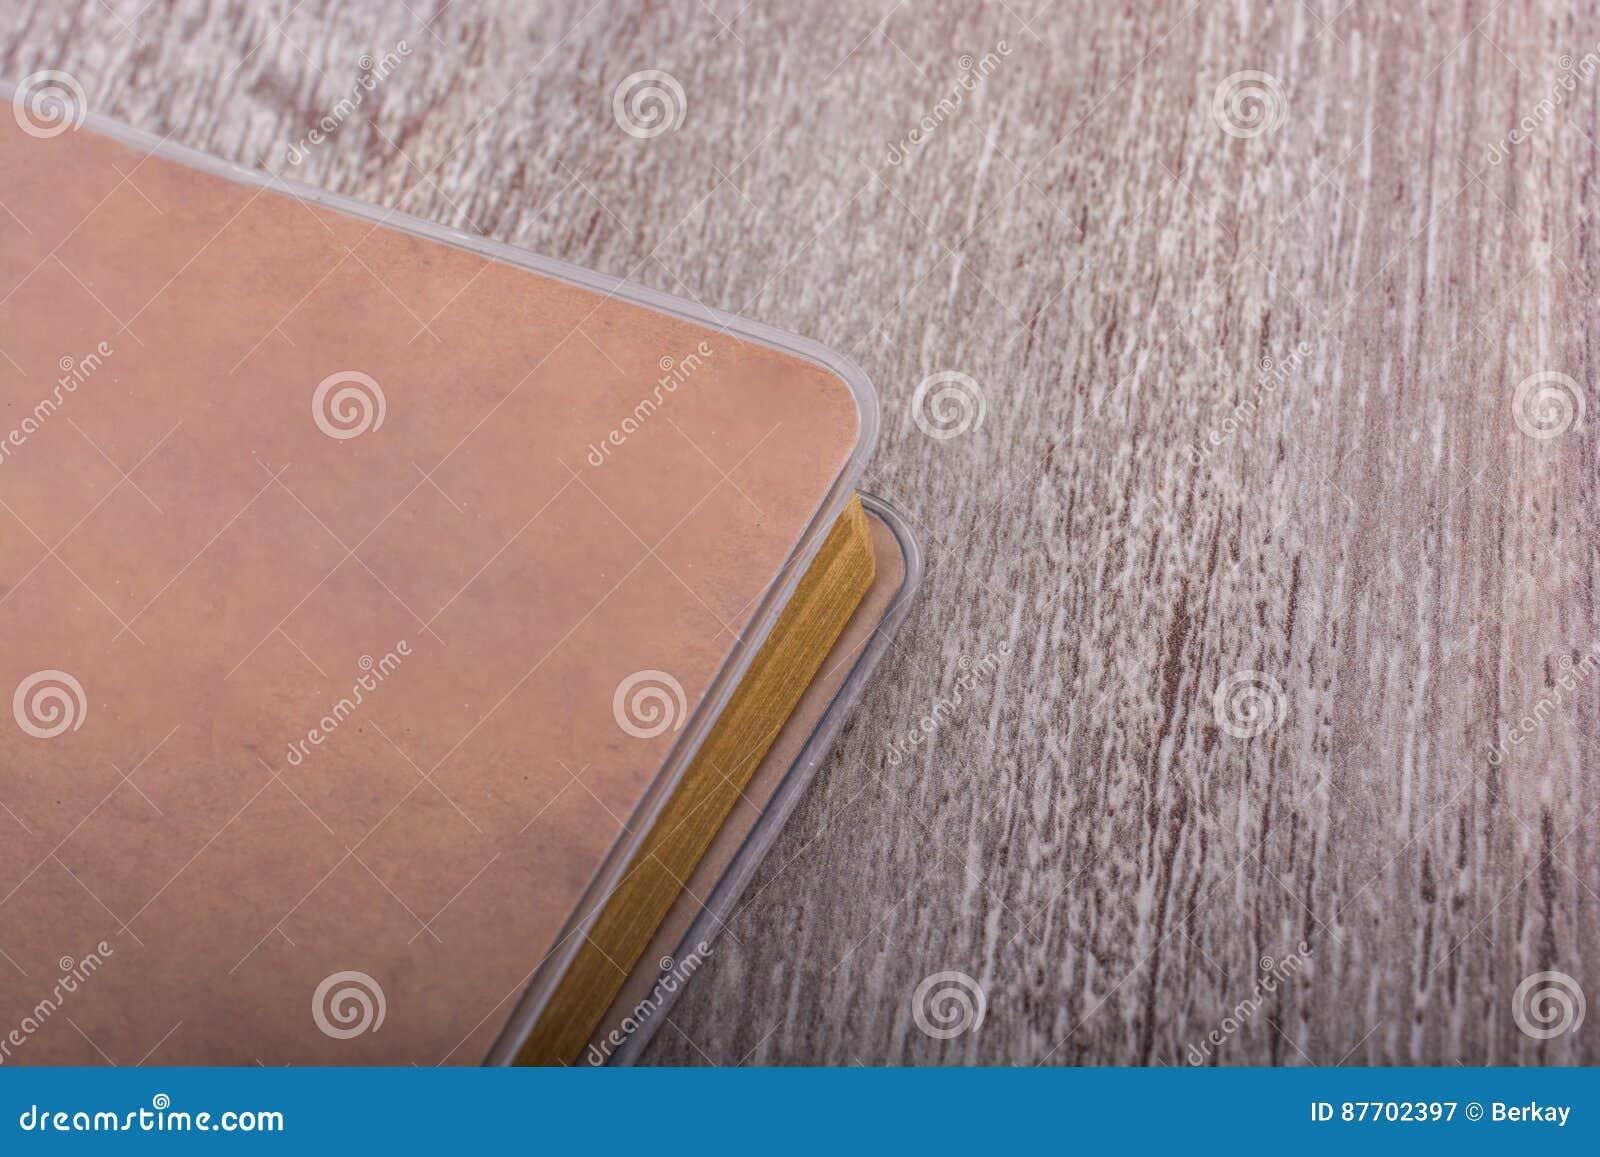 Carnet de notes à spirale sur un fond gris